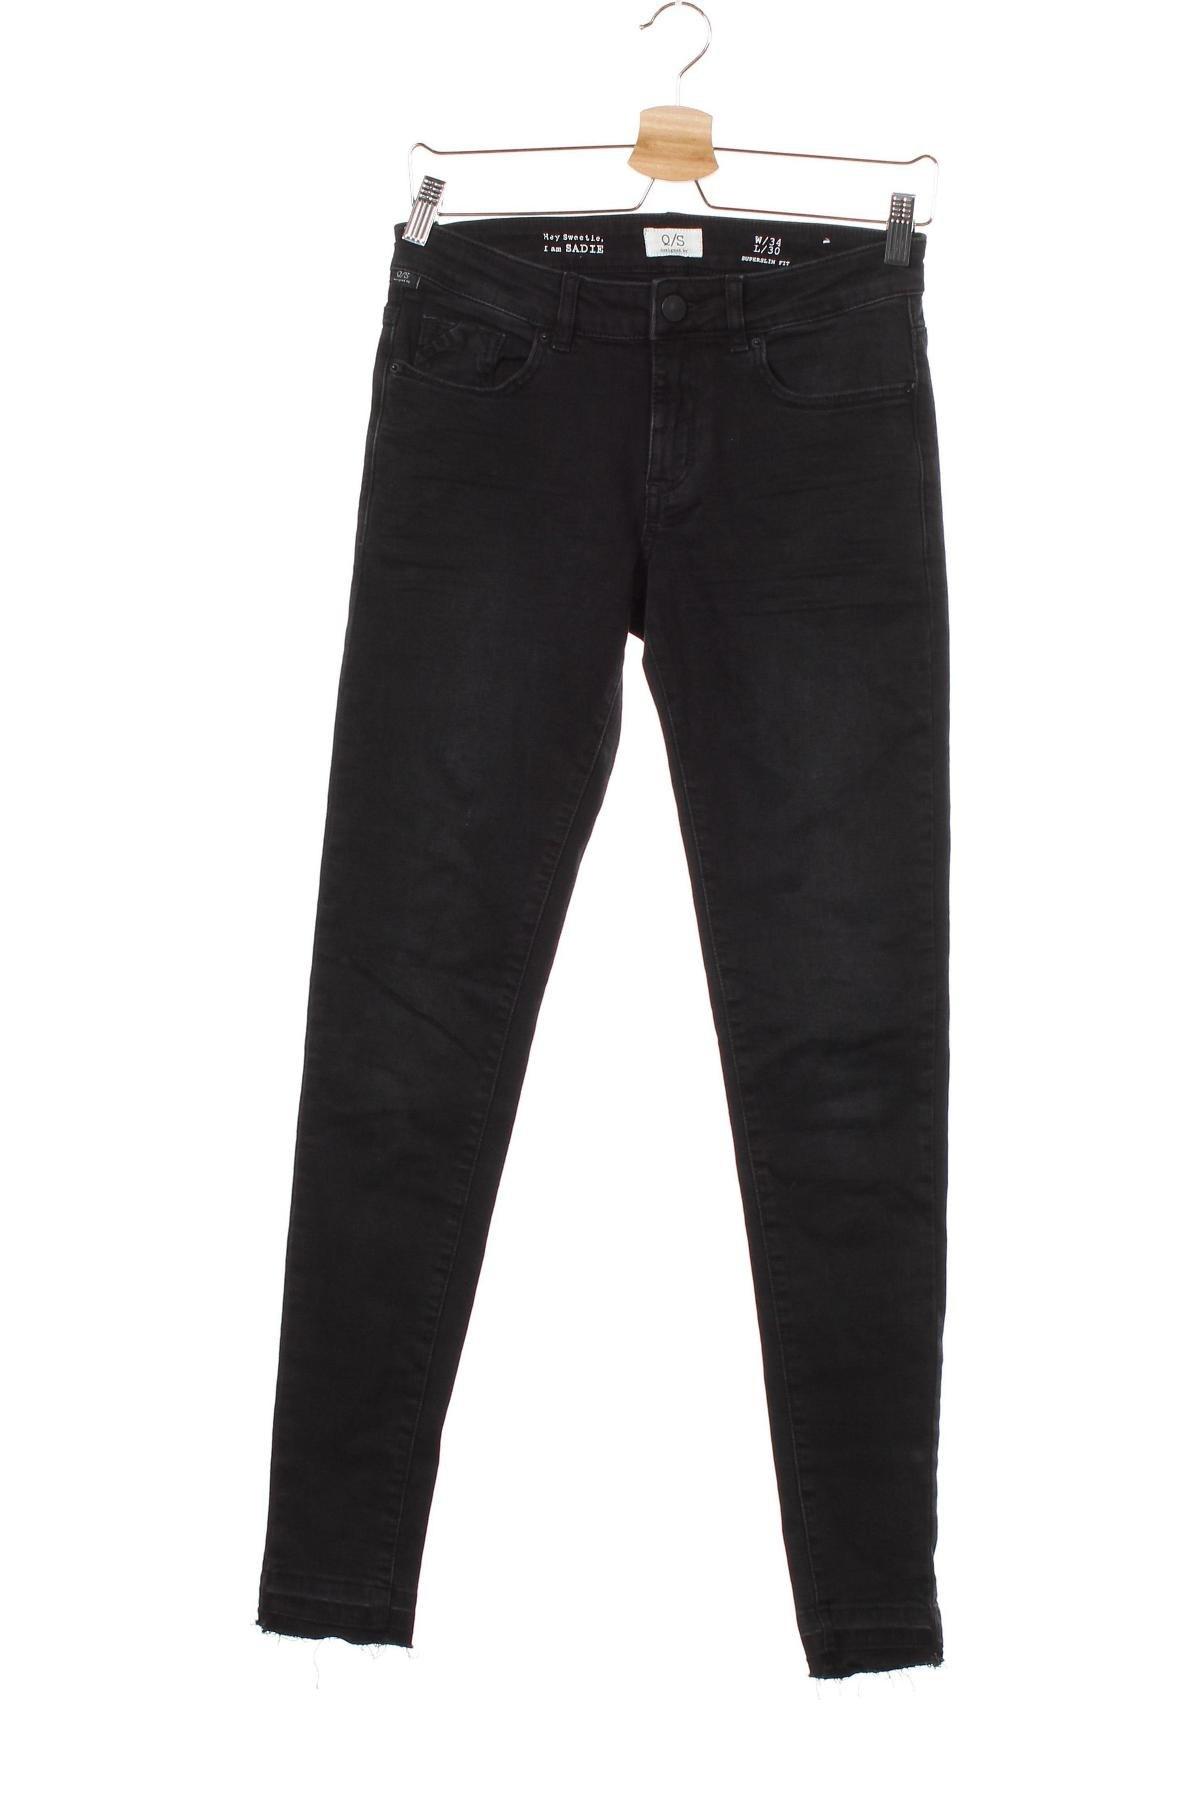 Дамски дънки Q/S by S.Oliver, Размер XS, Цвят Черен, 99% памук, 1% еластан, Цена 24,42лв.